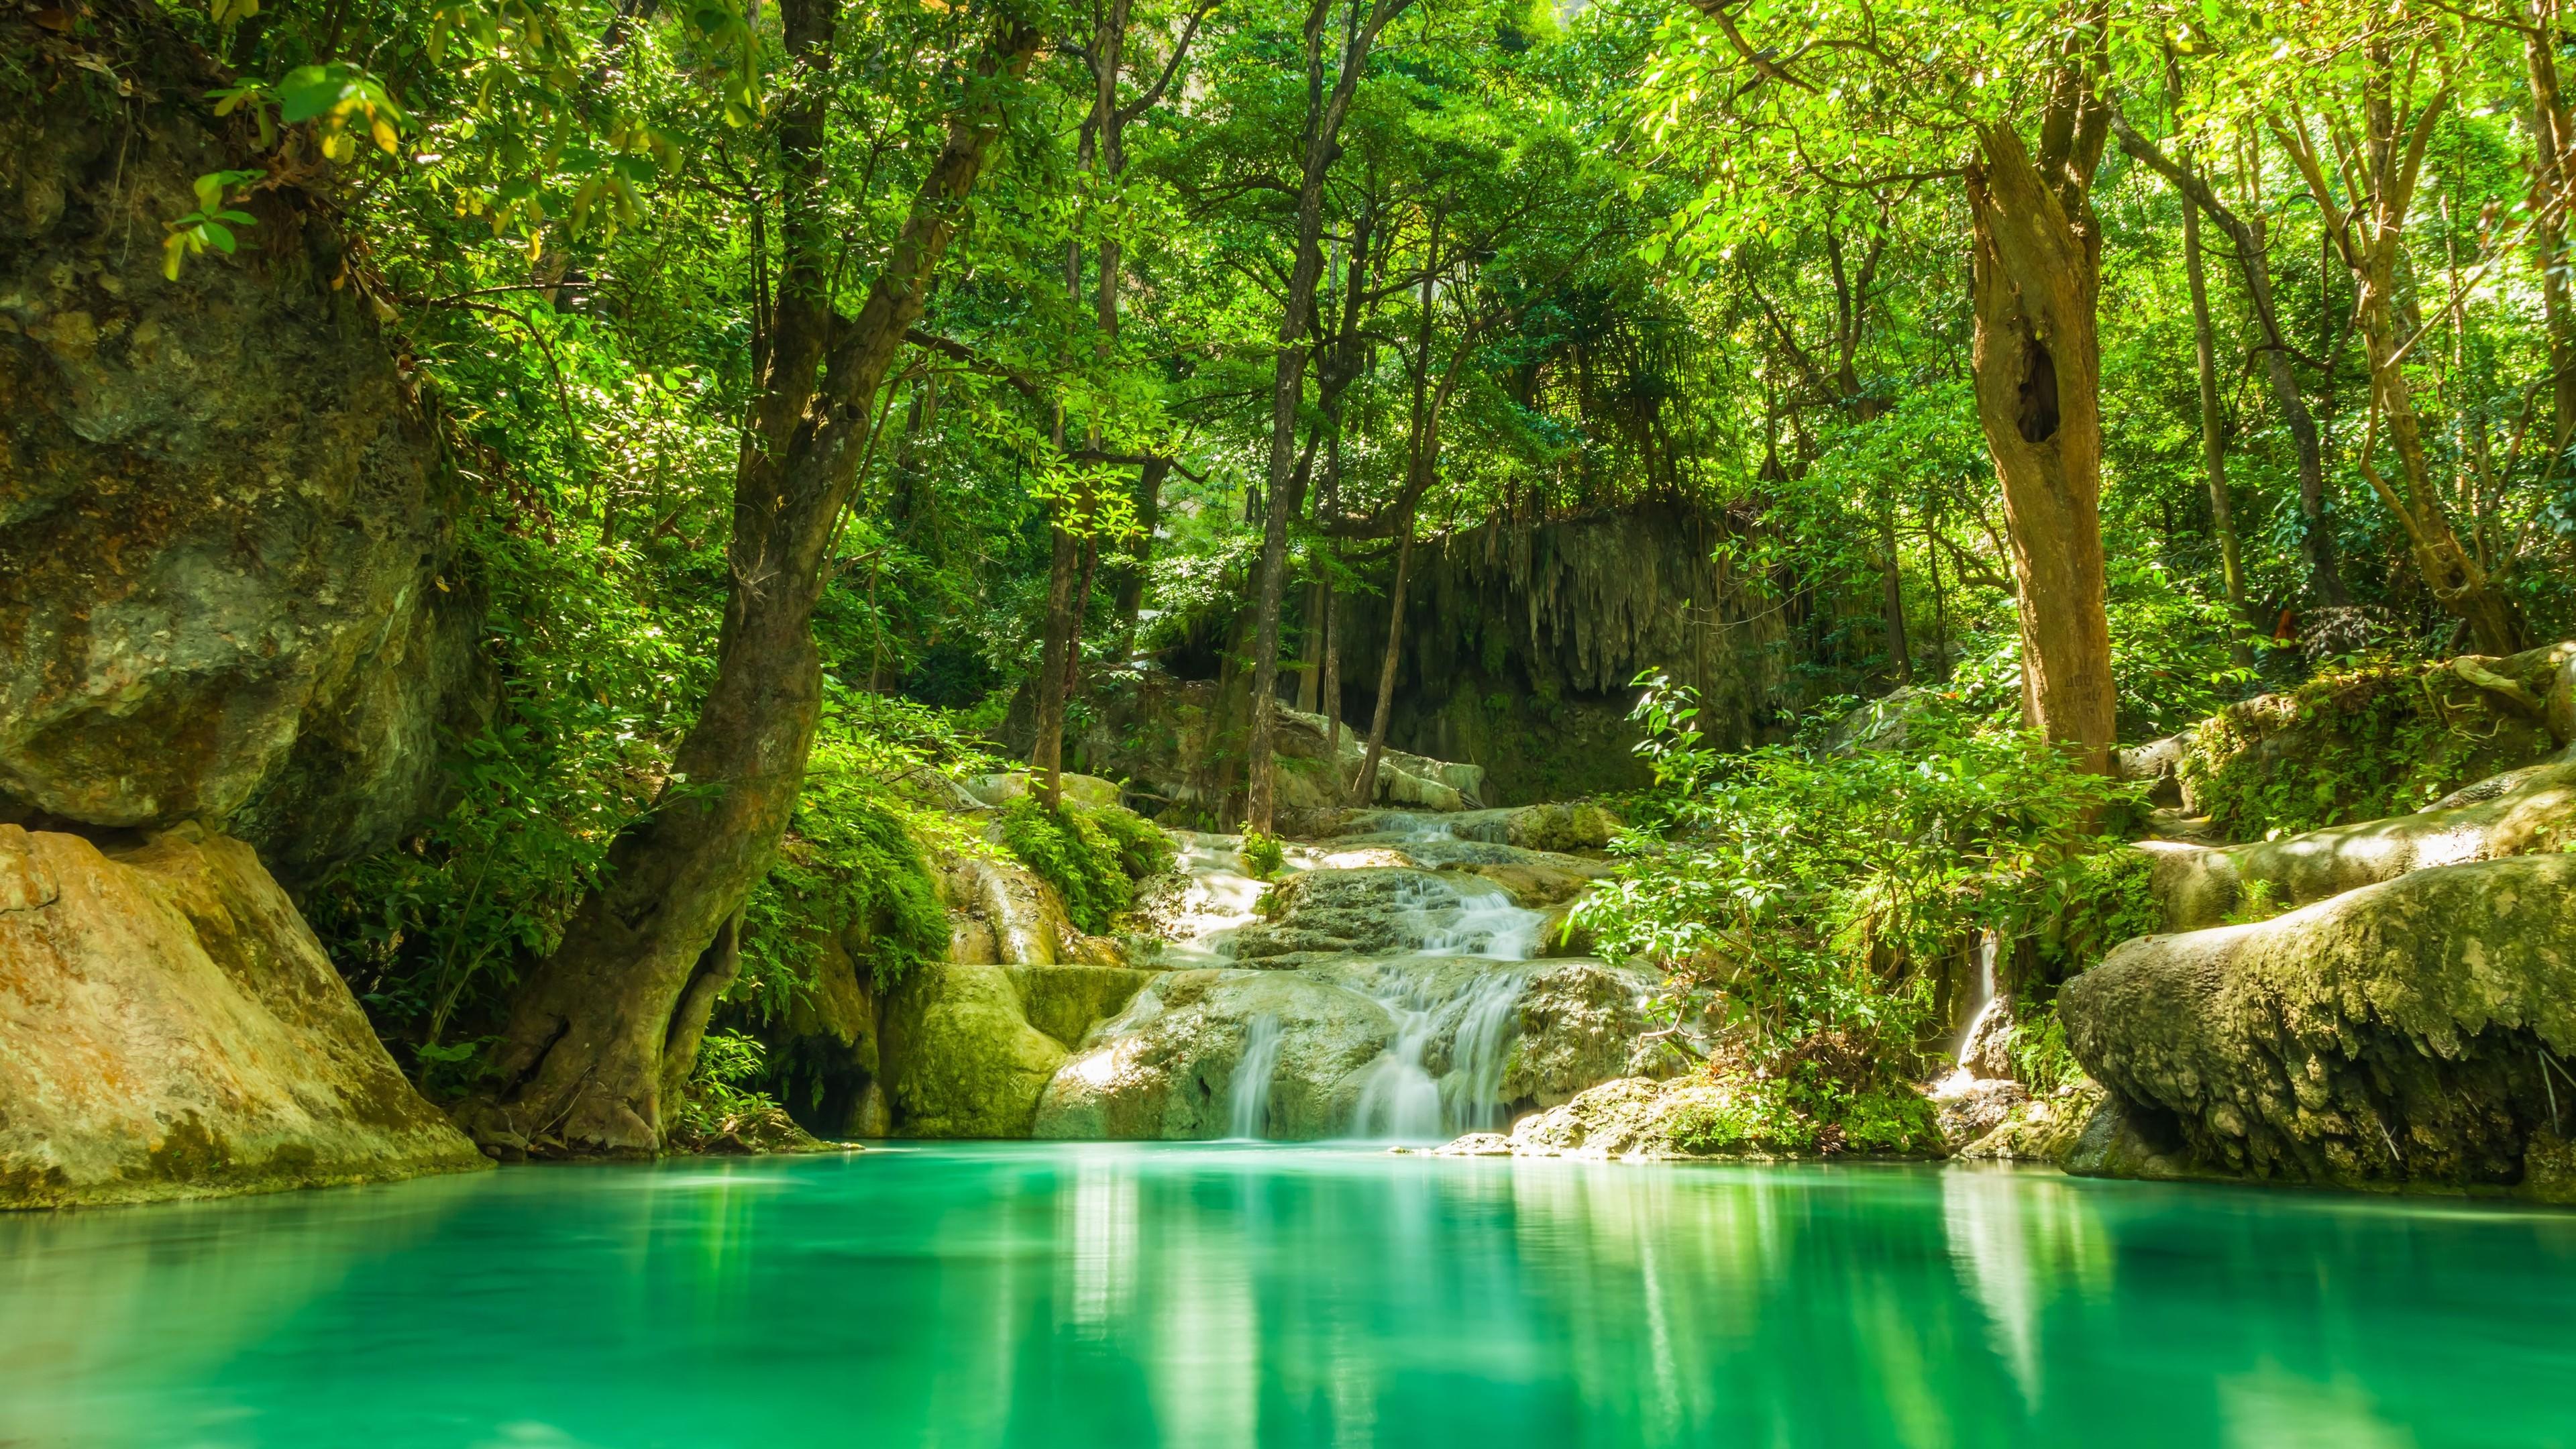 ⭐️ Cảnh Đẹp Mùa Xuân Trên Thế Giới ⭐️ Lake-and-water-cascades-in-forest-4k_1540131557